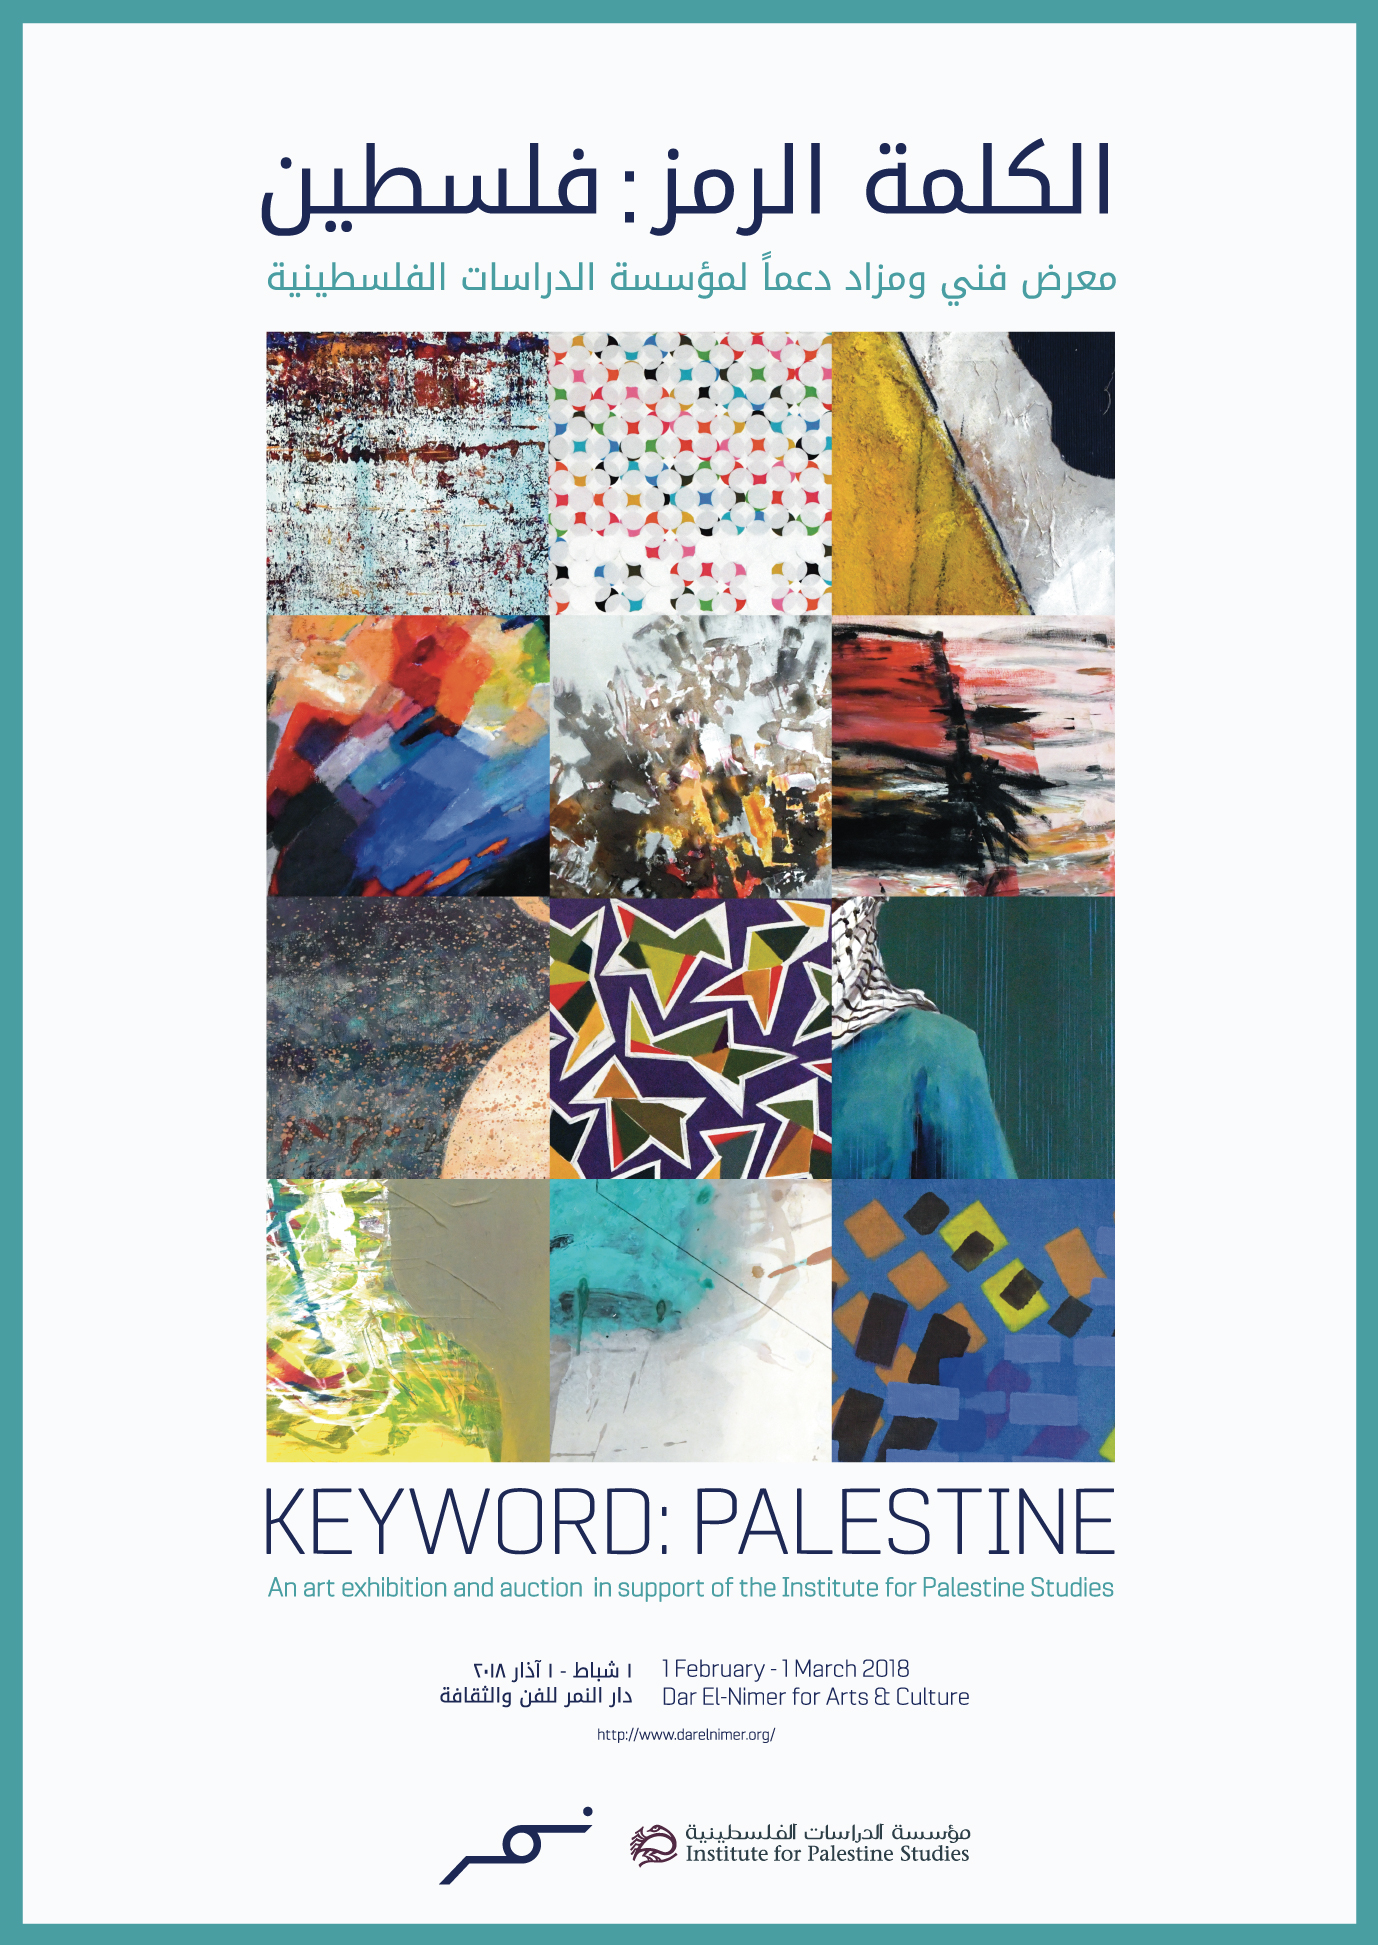 الكلمة الرمز: فلسطين ― معرض فني ومزاد دعماً لمؤسسة الدراسات الفلسطينية